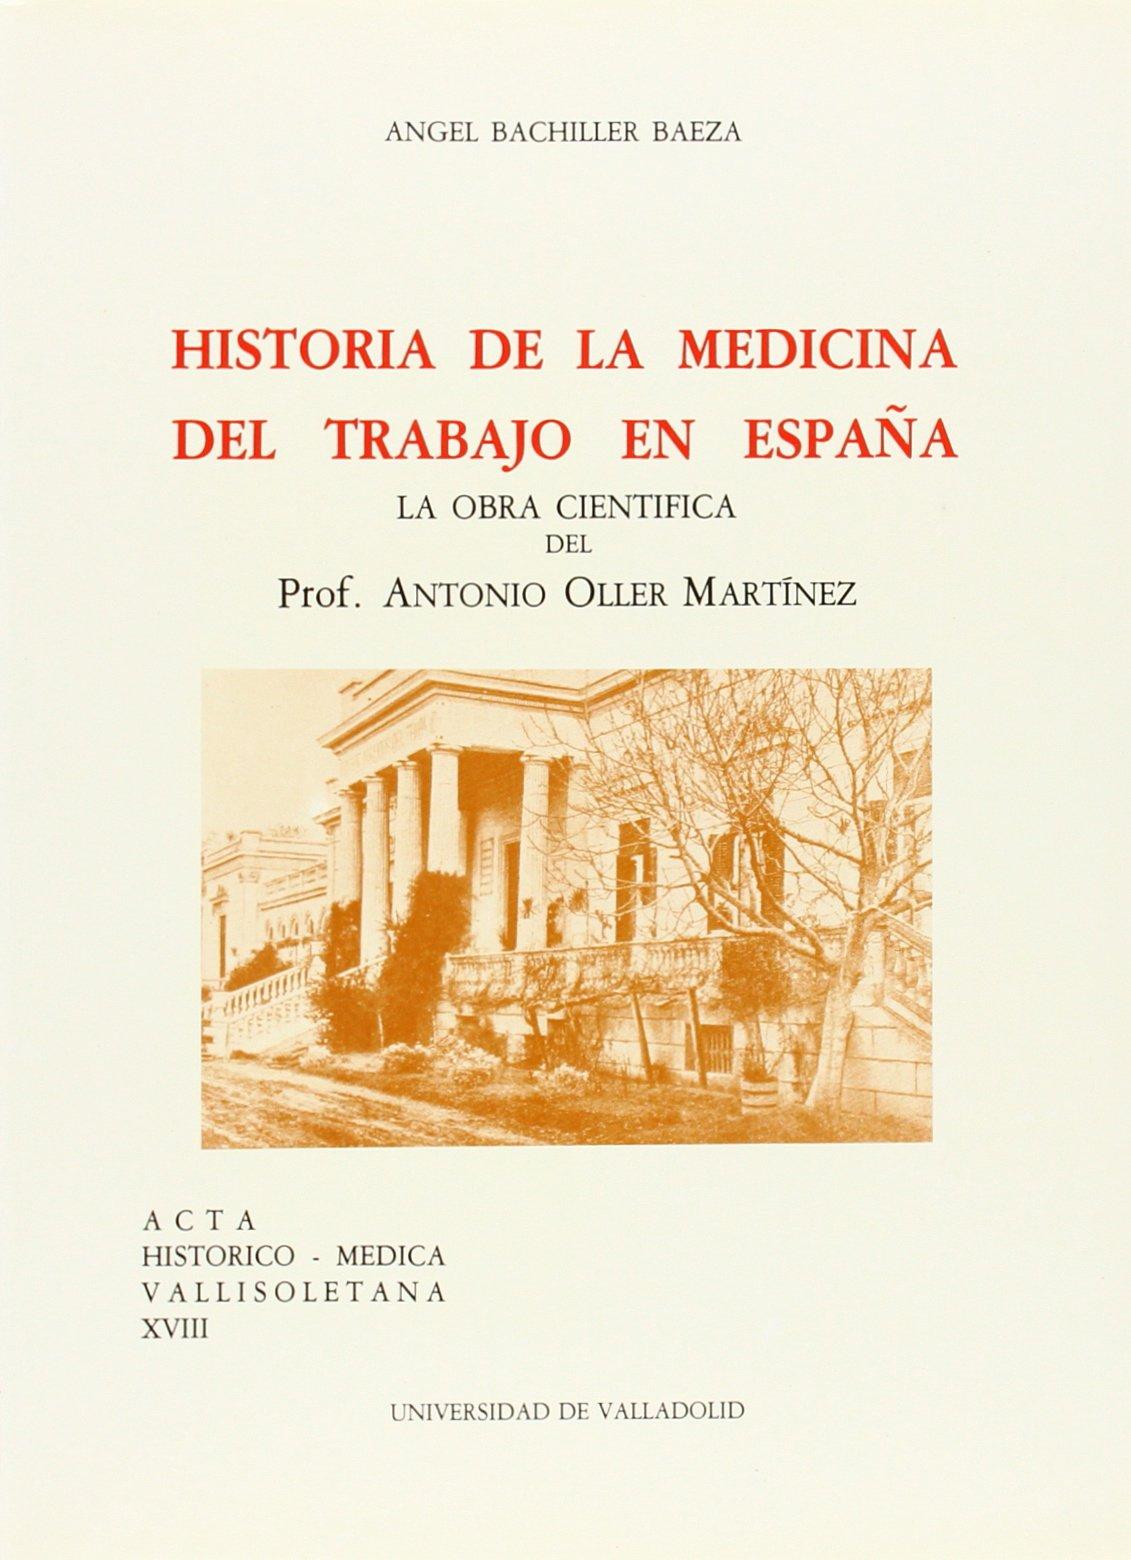 Historia de La Medicina Del Trabajo En España: Amazon.es: Bachiller Baeza, Angel: Libros